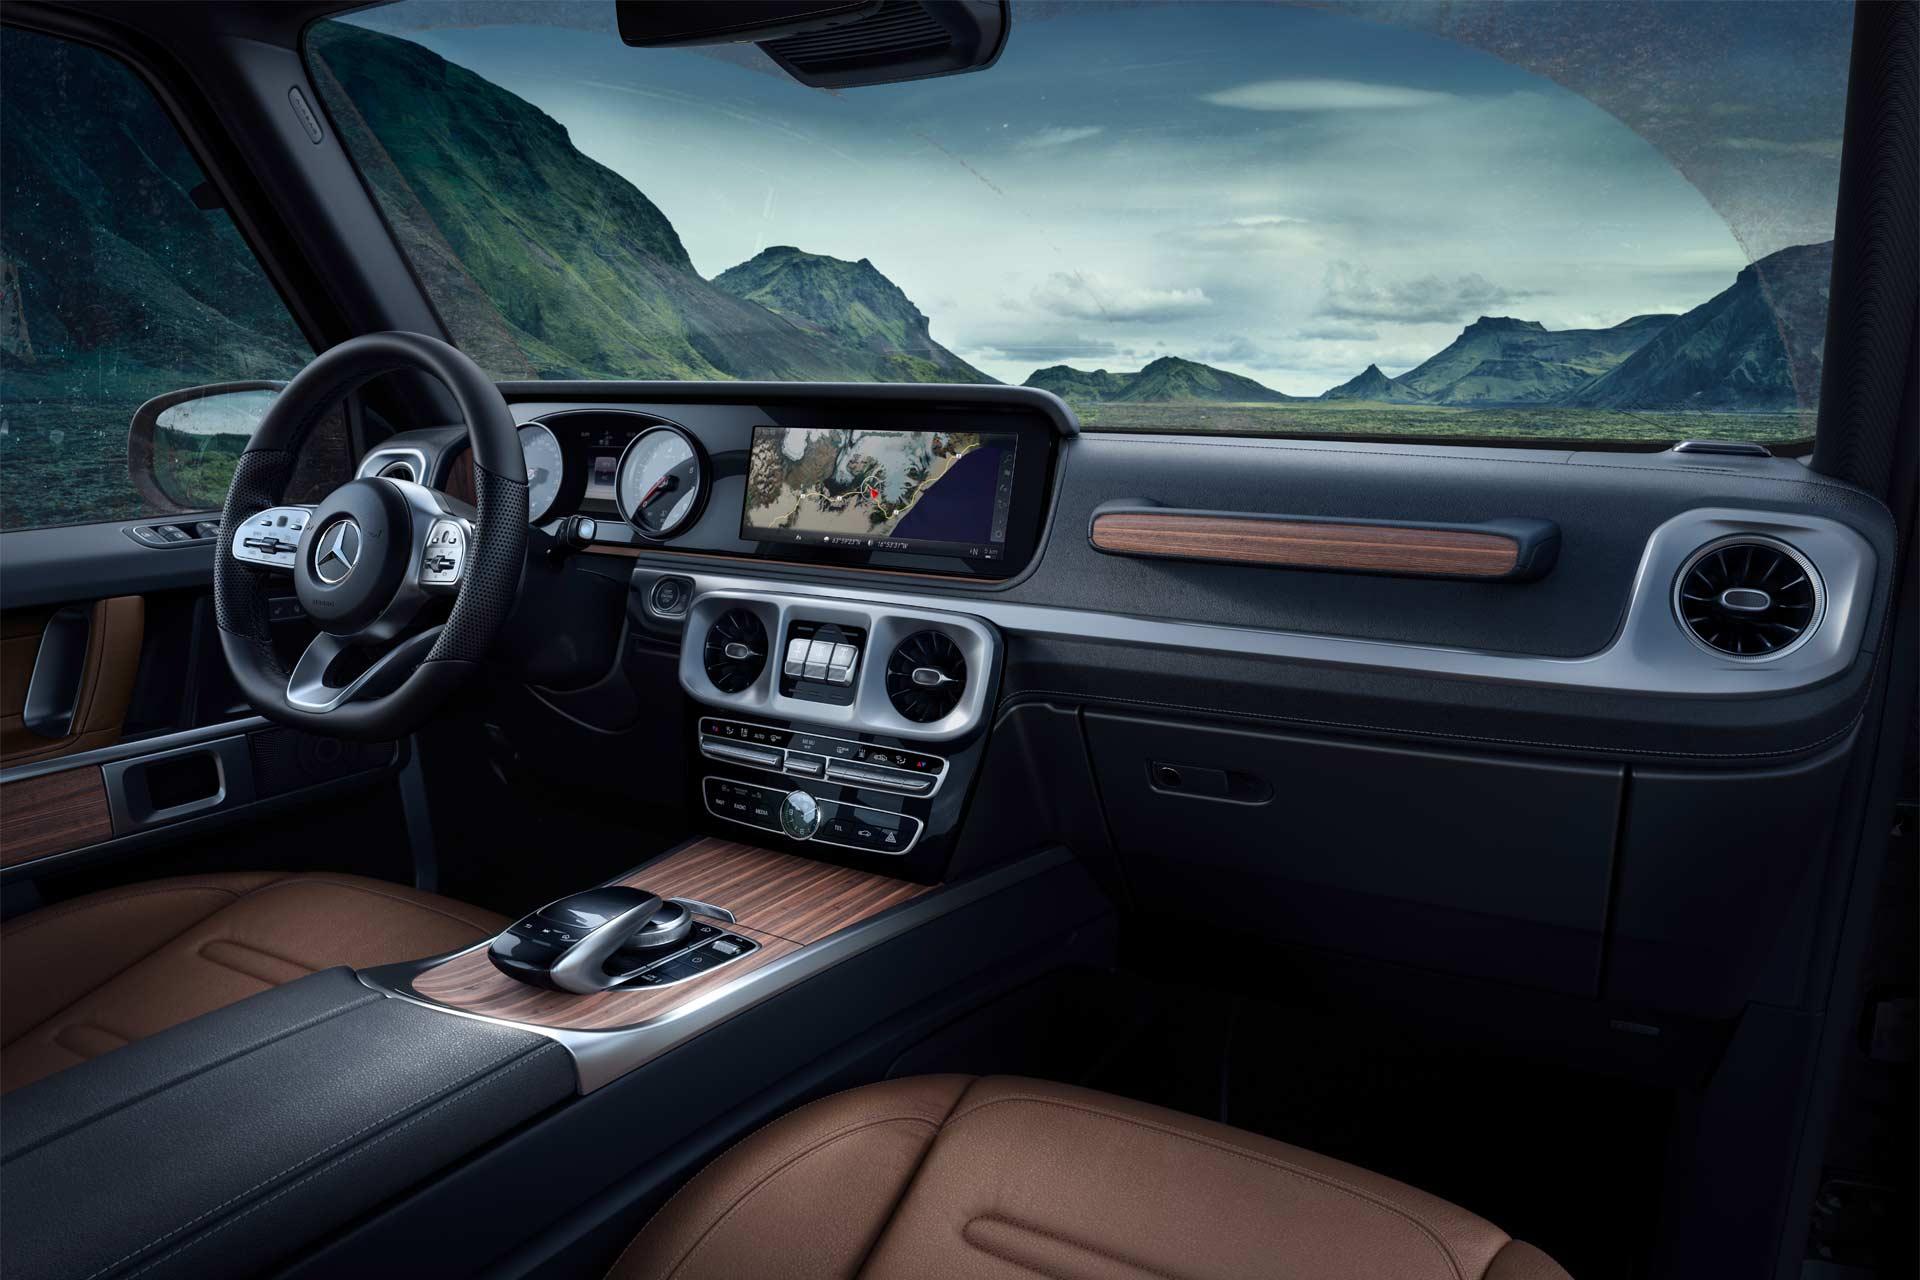 2018-Mercedes-Benz-G-Class-interior_5